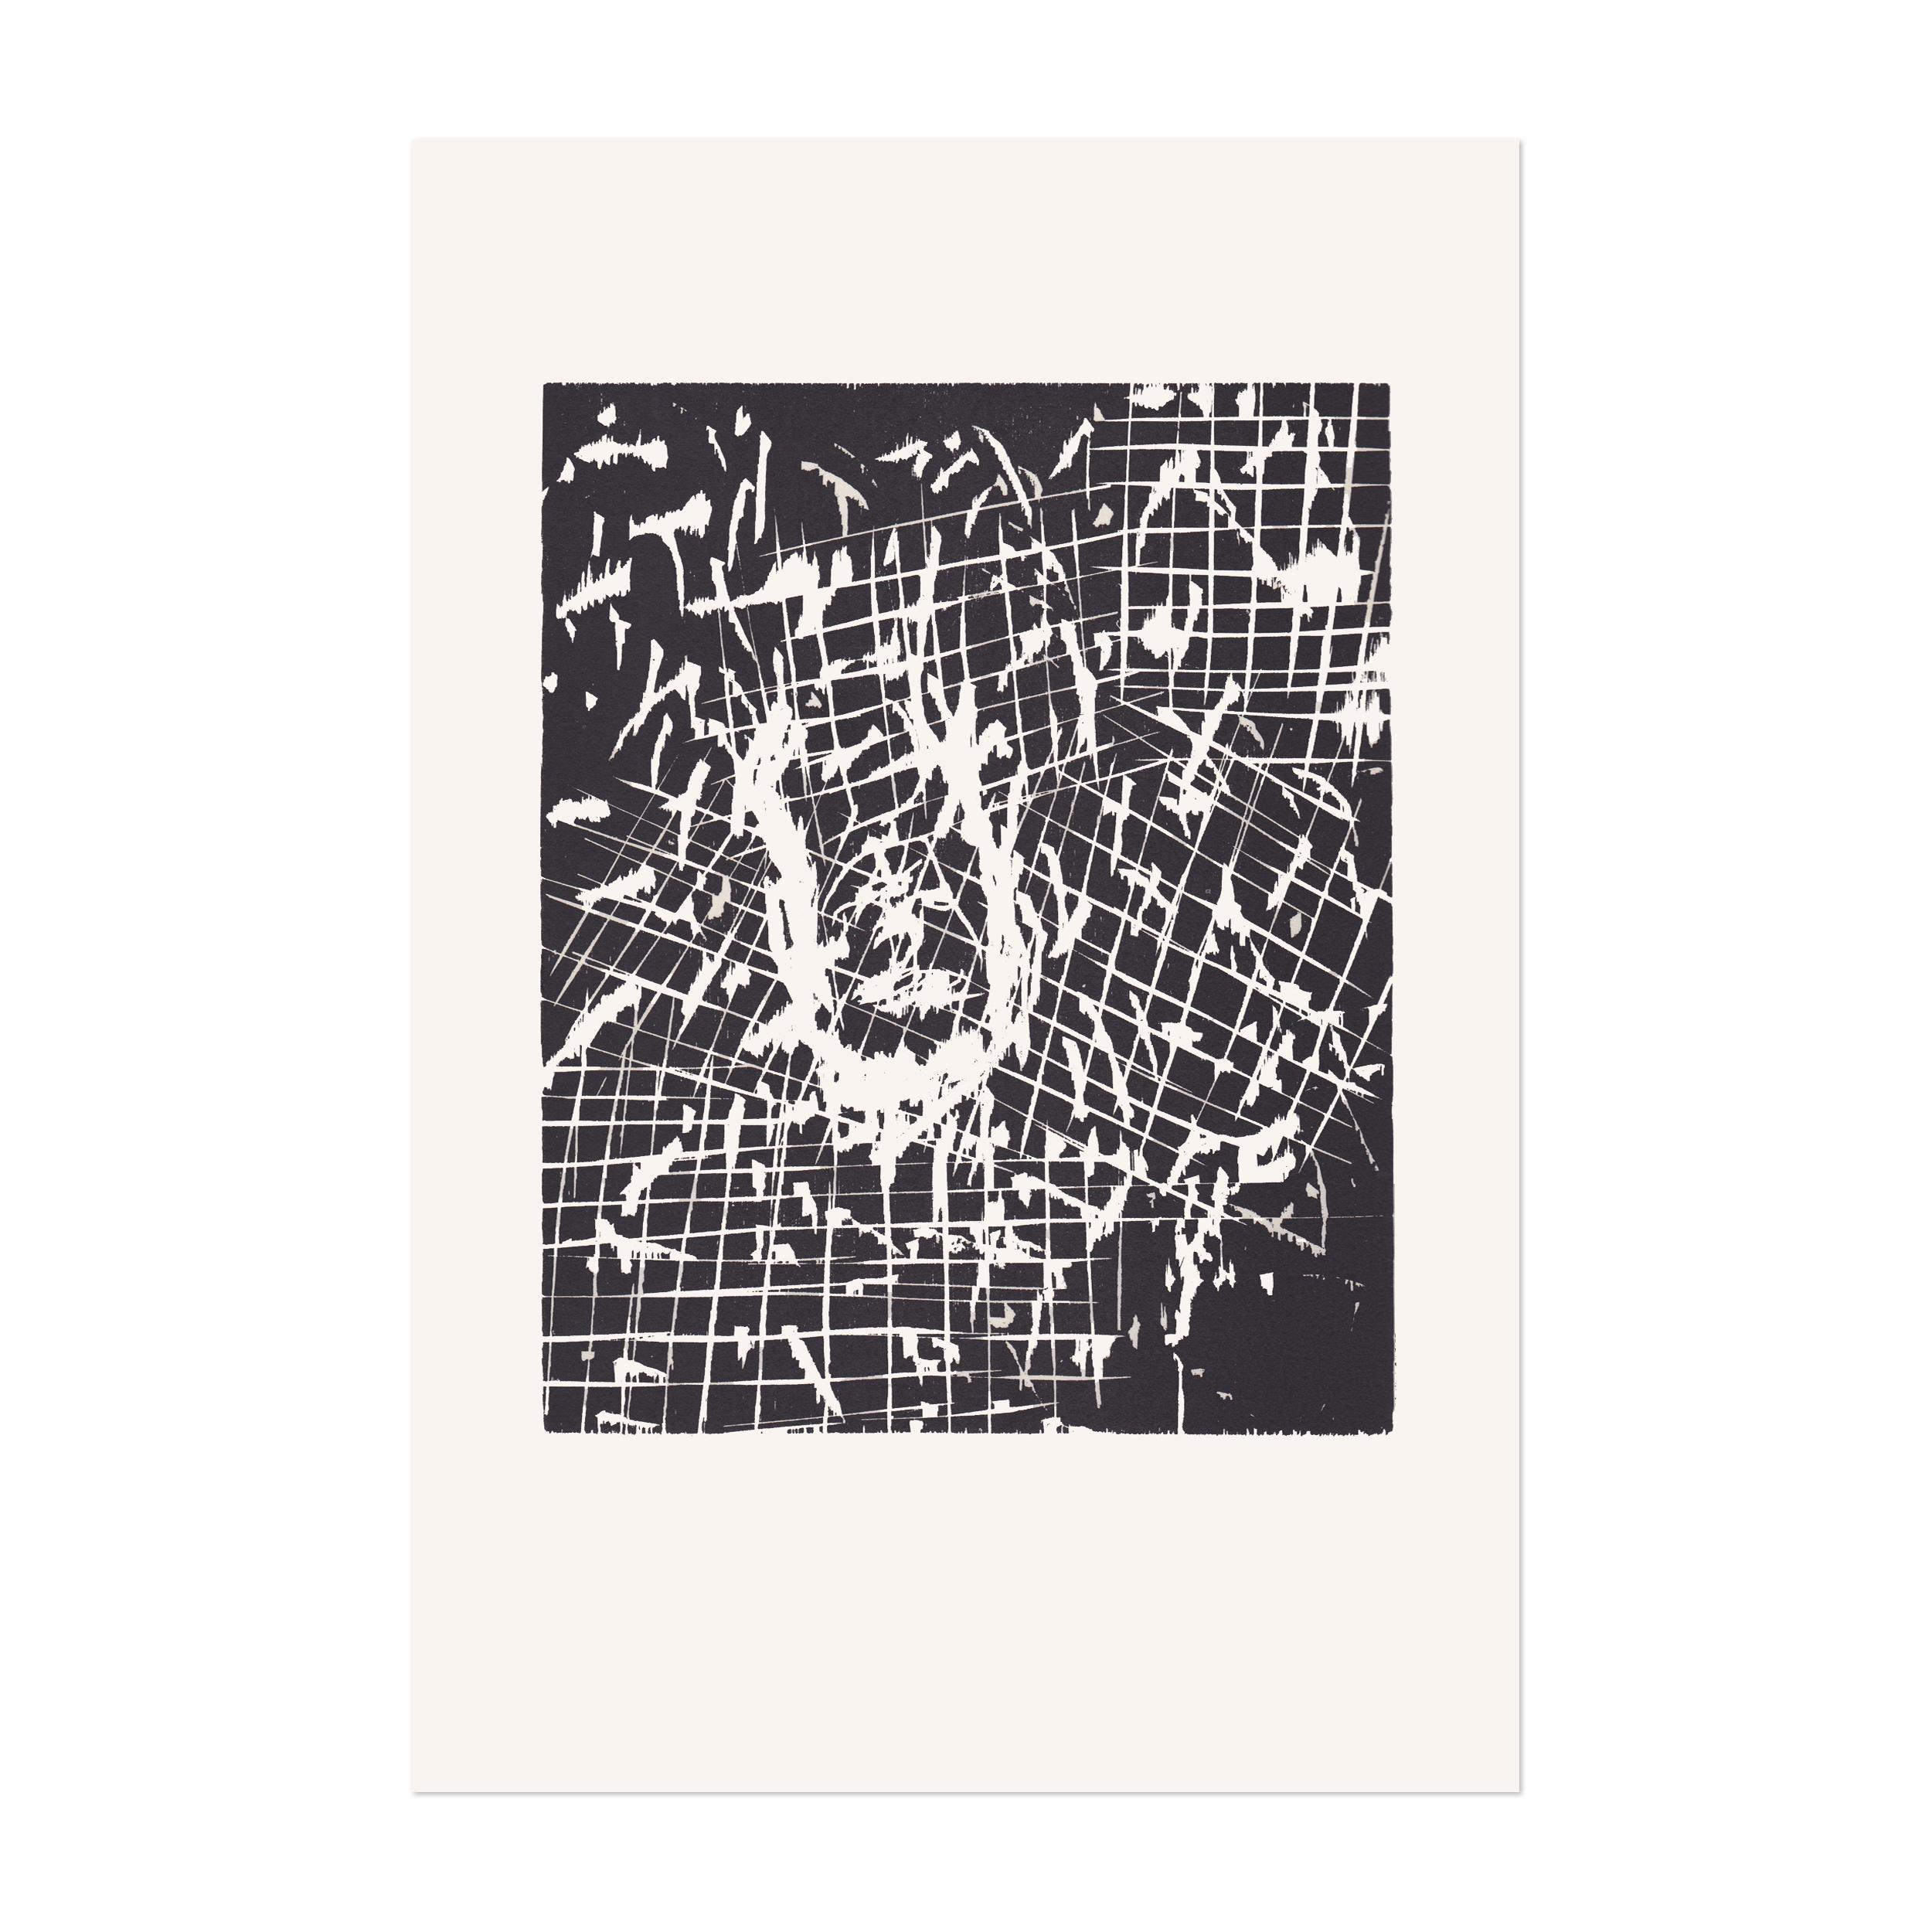 Dresdner Frau V, Woodcut, 1990, Contemporary Art, Expressionism, 20th Century